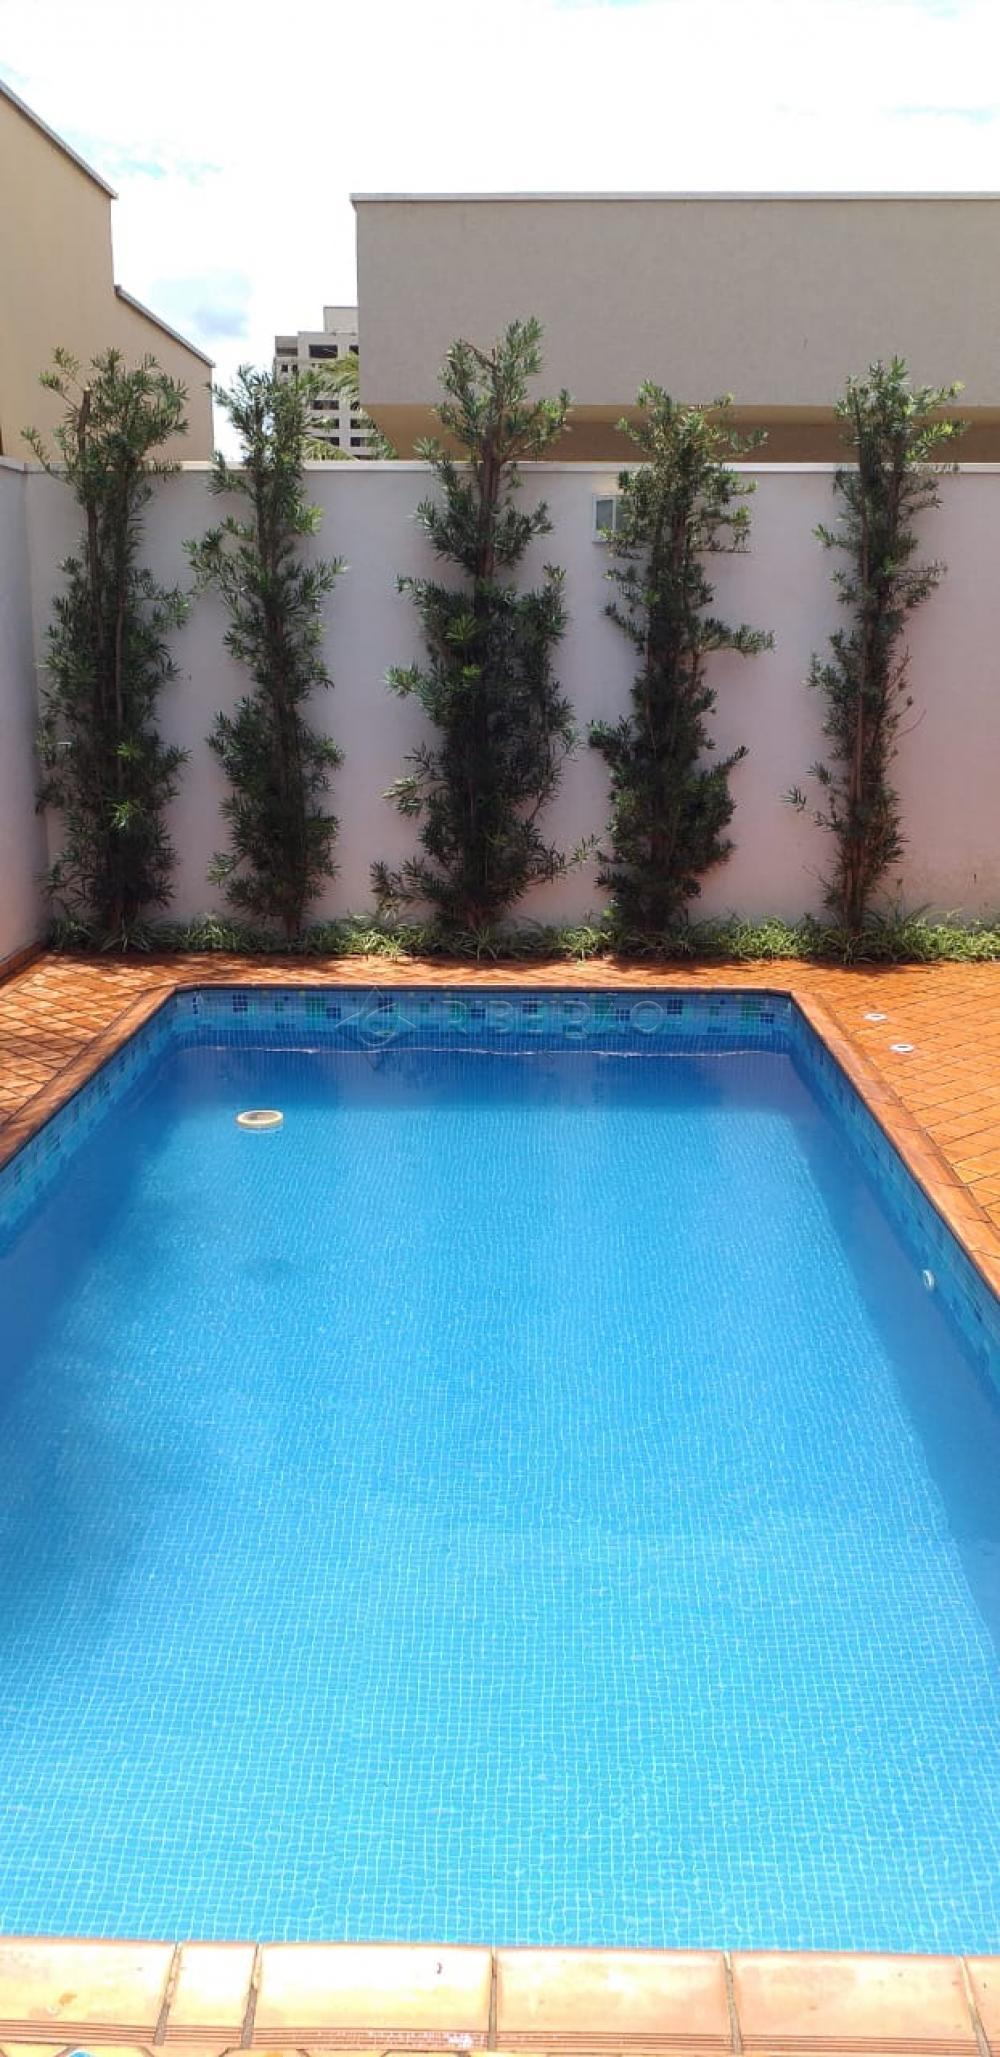 Comprar Casa / Condomínio em Bonfim Paulista apenas R$ 900.000,00 - Foto 16